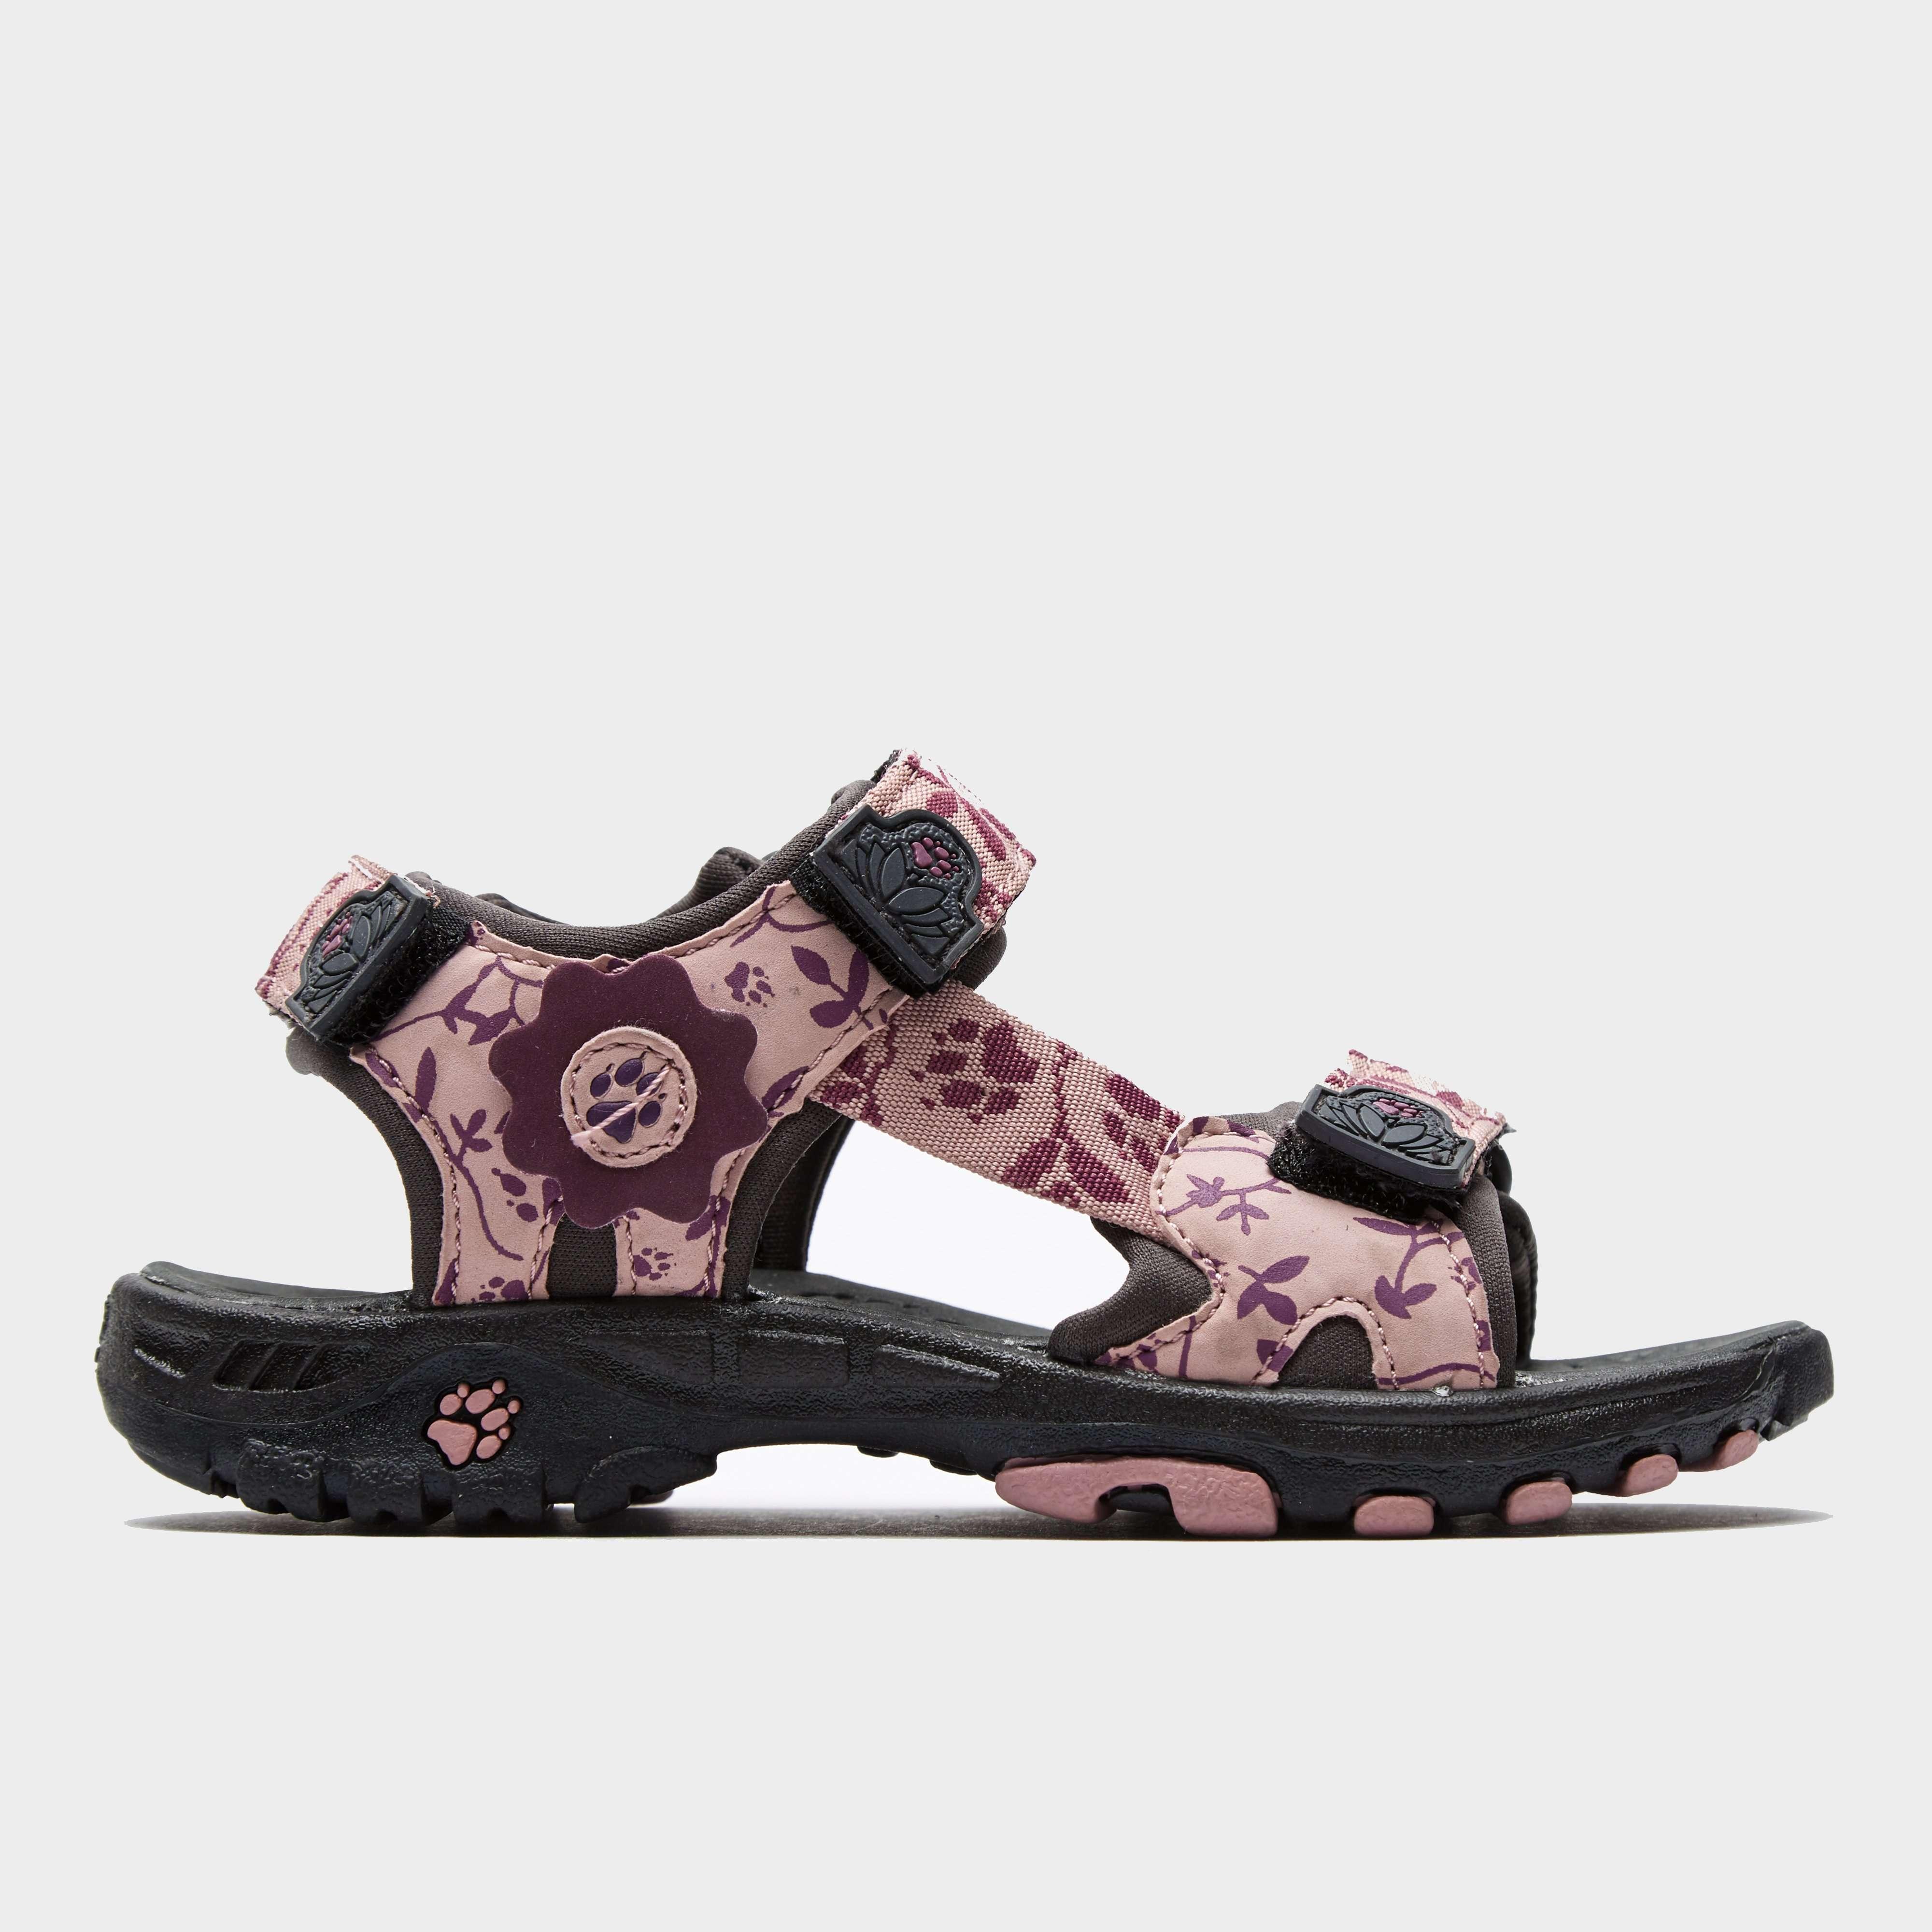 JACK WOLFSKIN Girls Baywatch Sandals